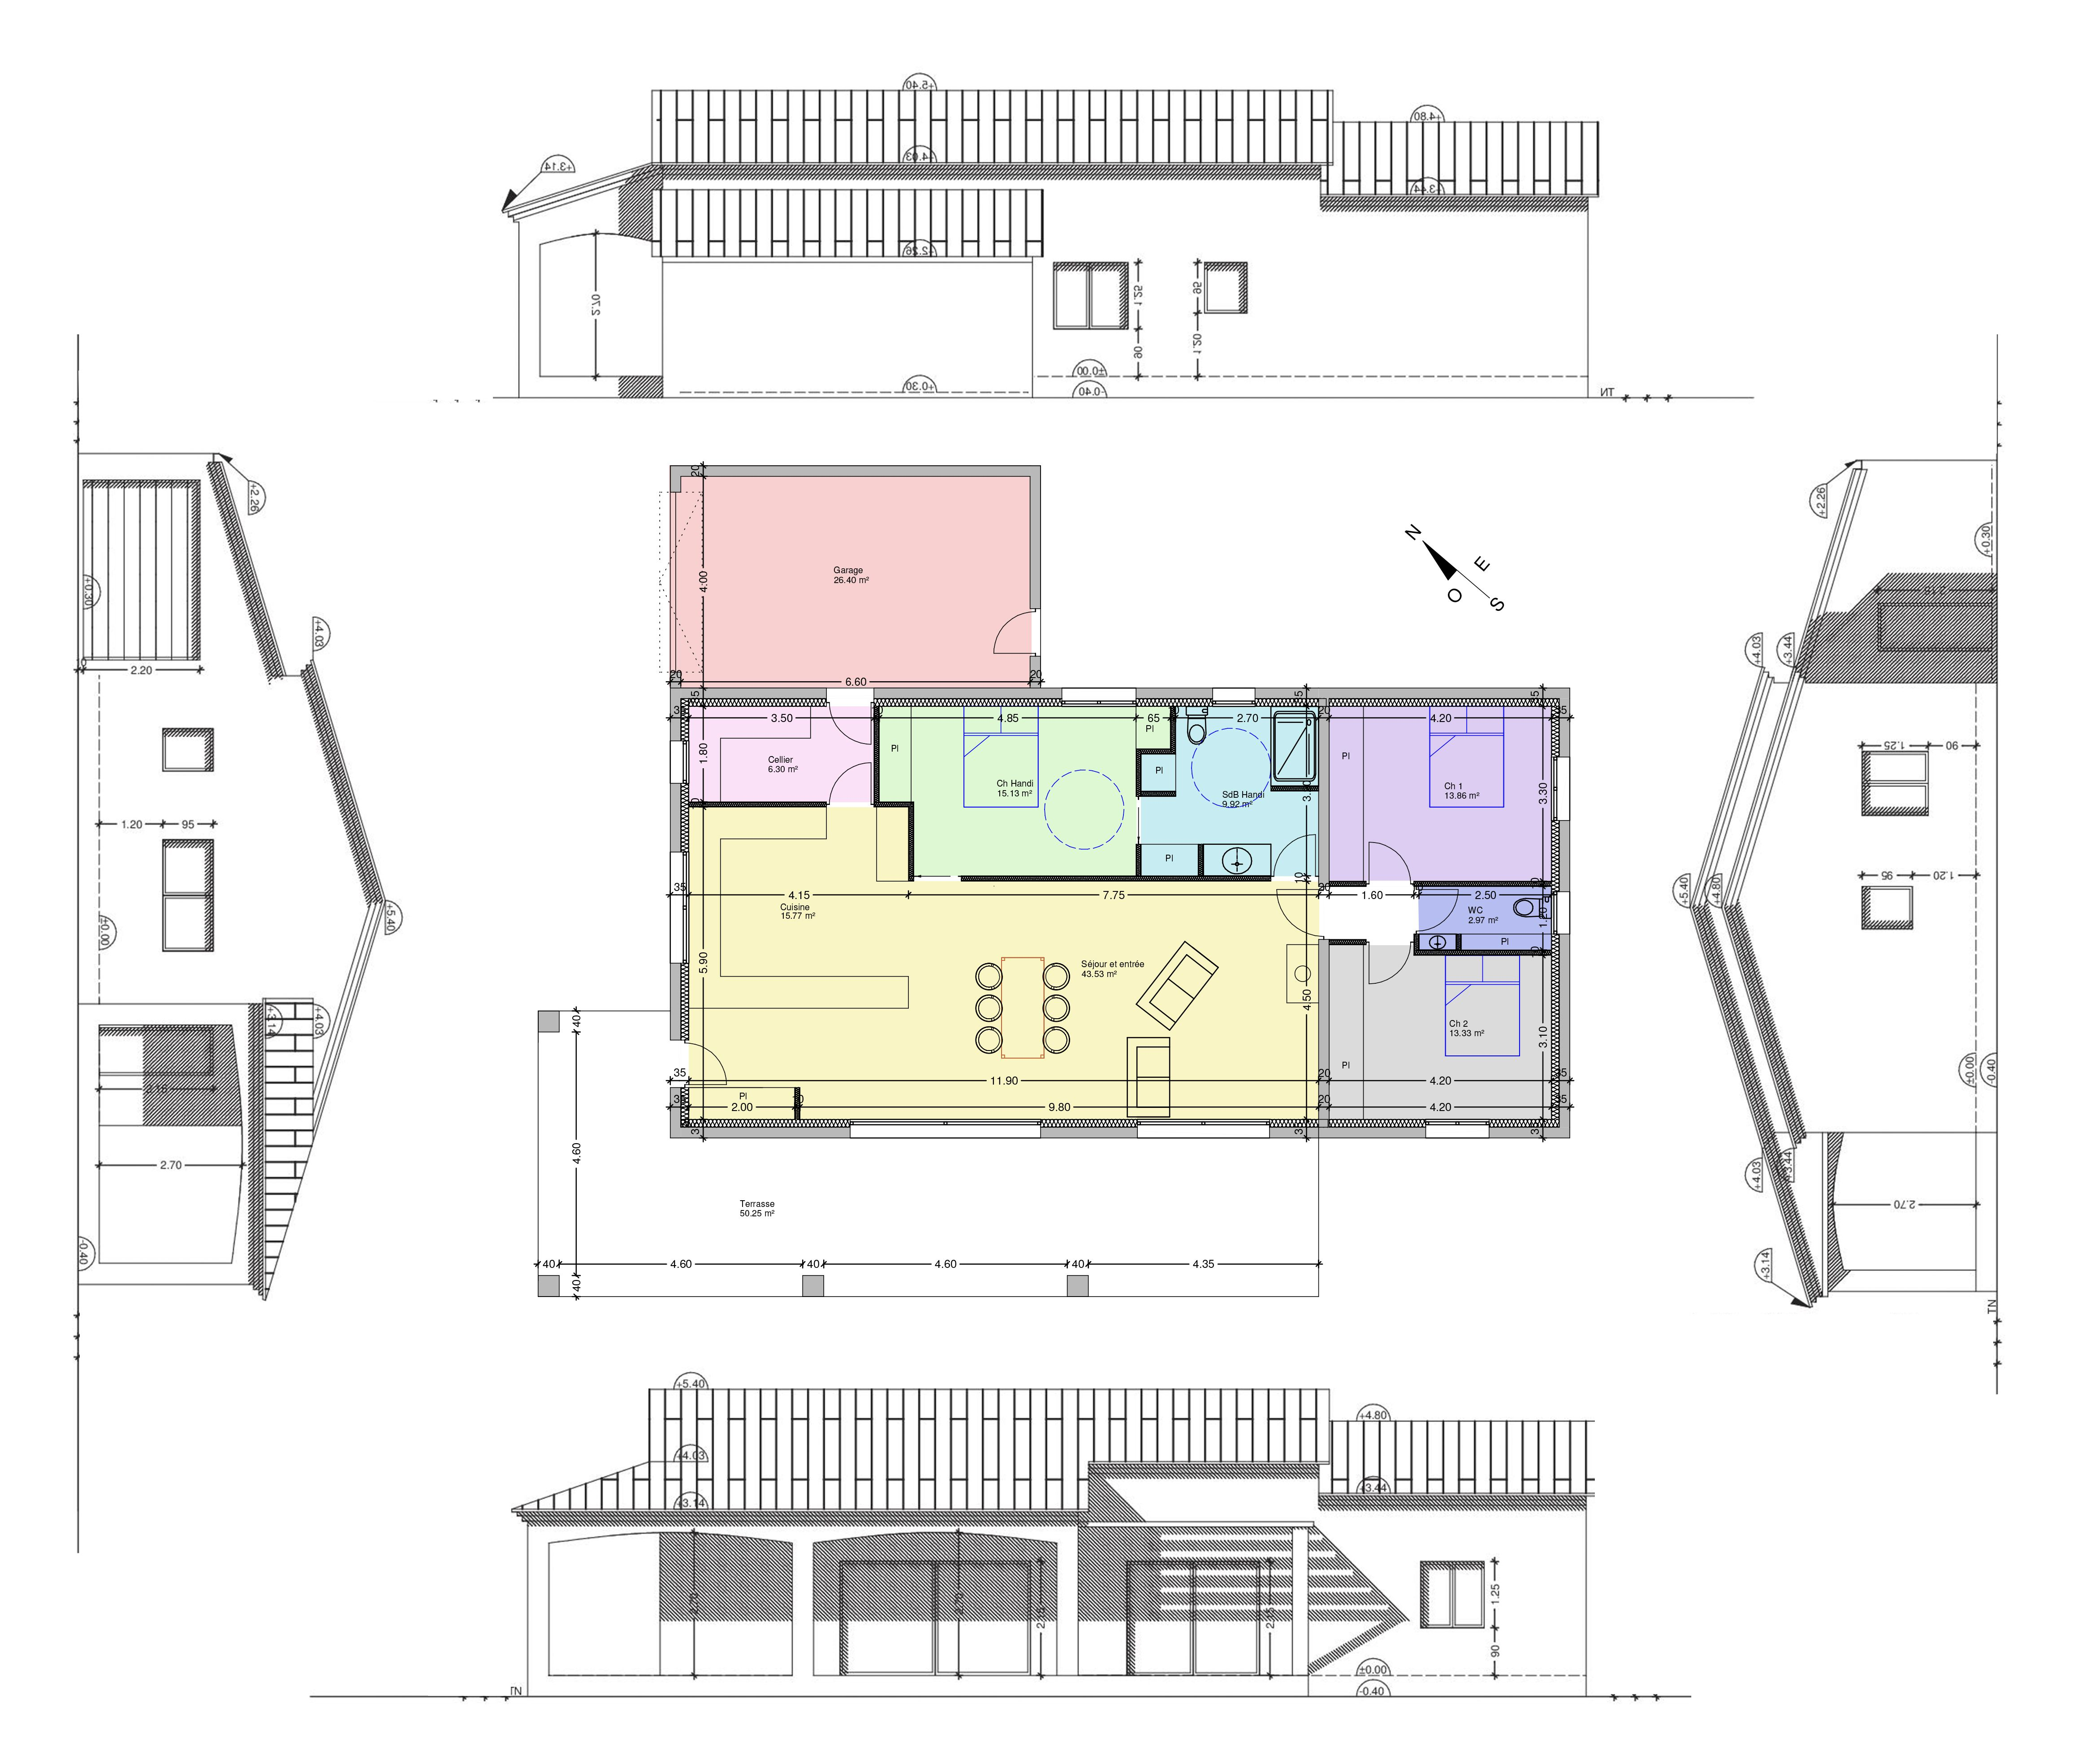 Maison Ossature Bois Dessinateur Plans Permis 3